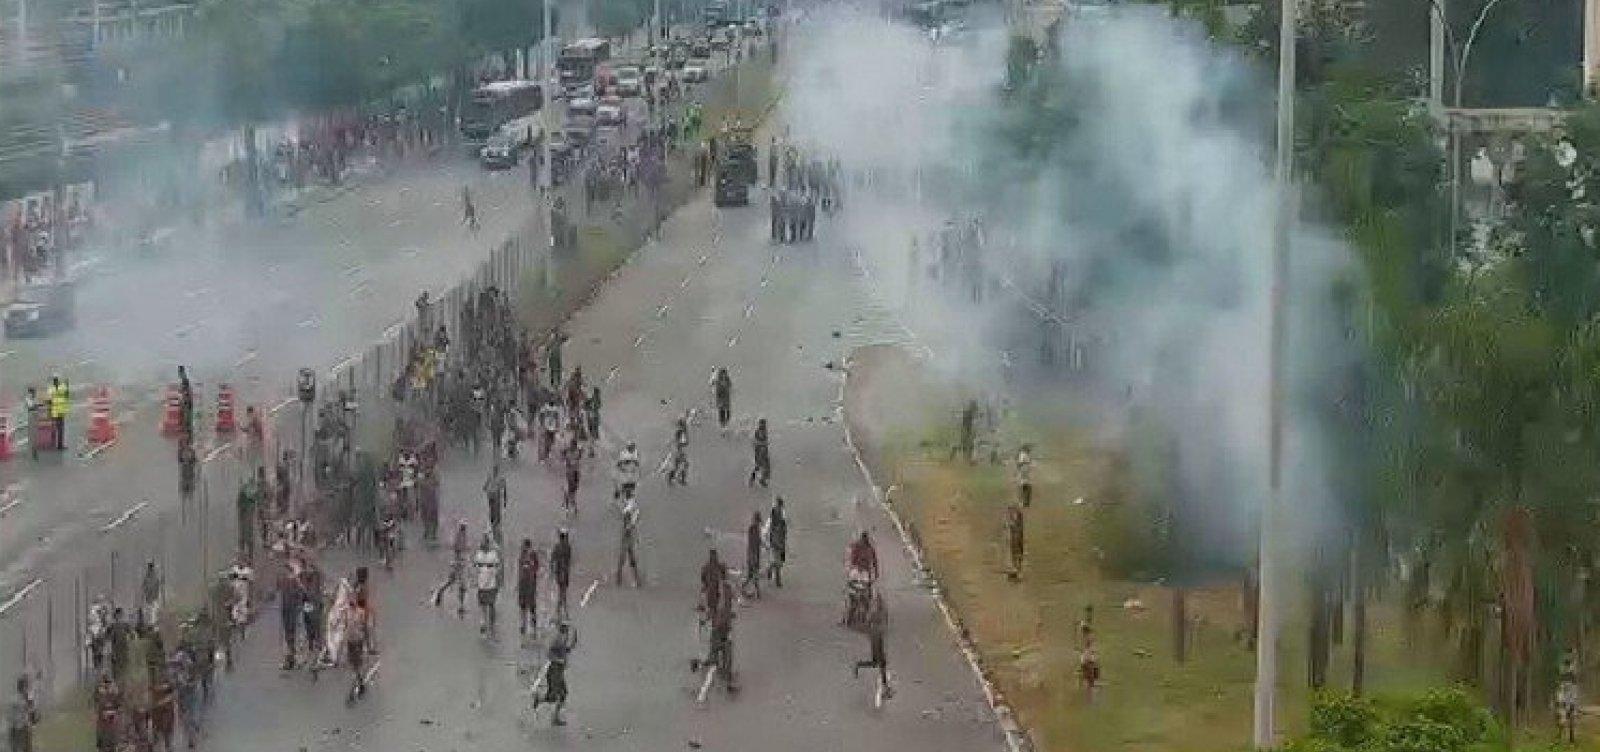 [PM dispersa grupo de torcedores do Flamengo em torno do Maracanã com bombas de gás lacrimogêneo]